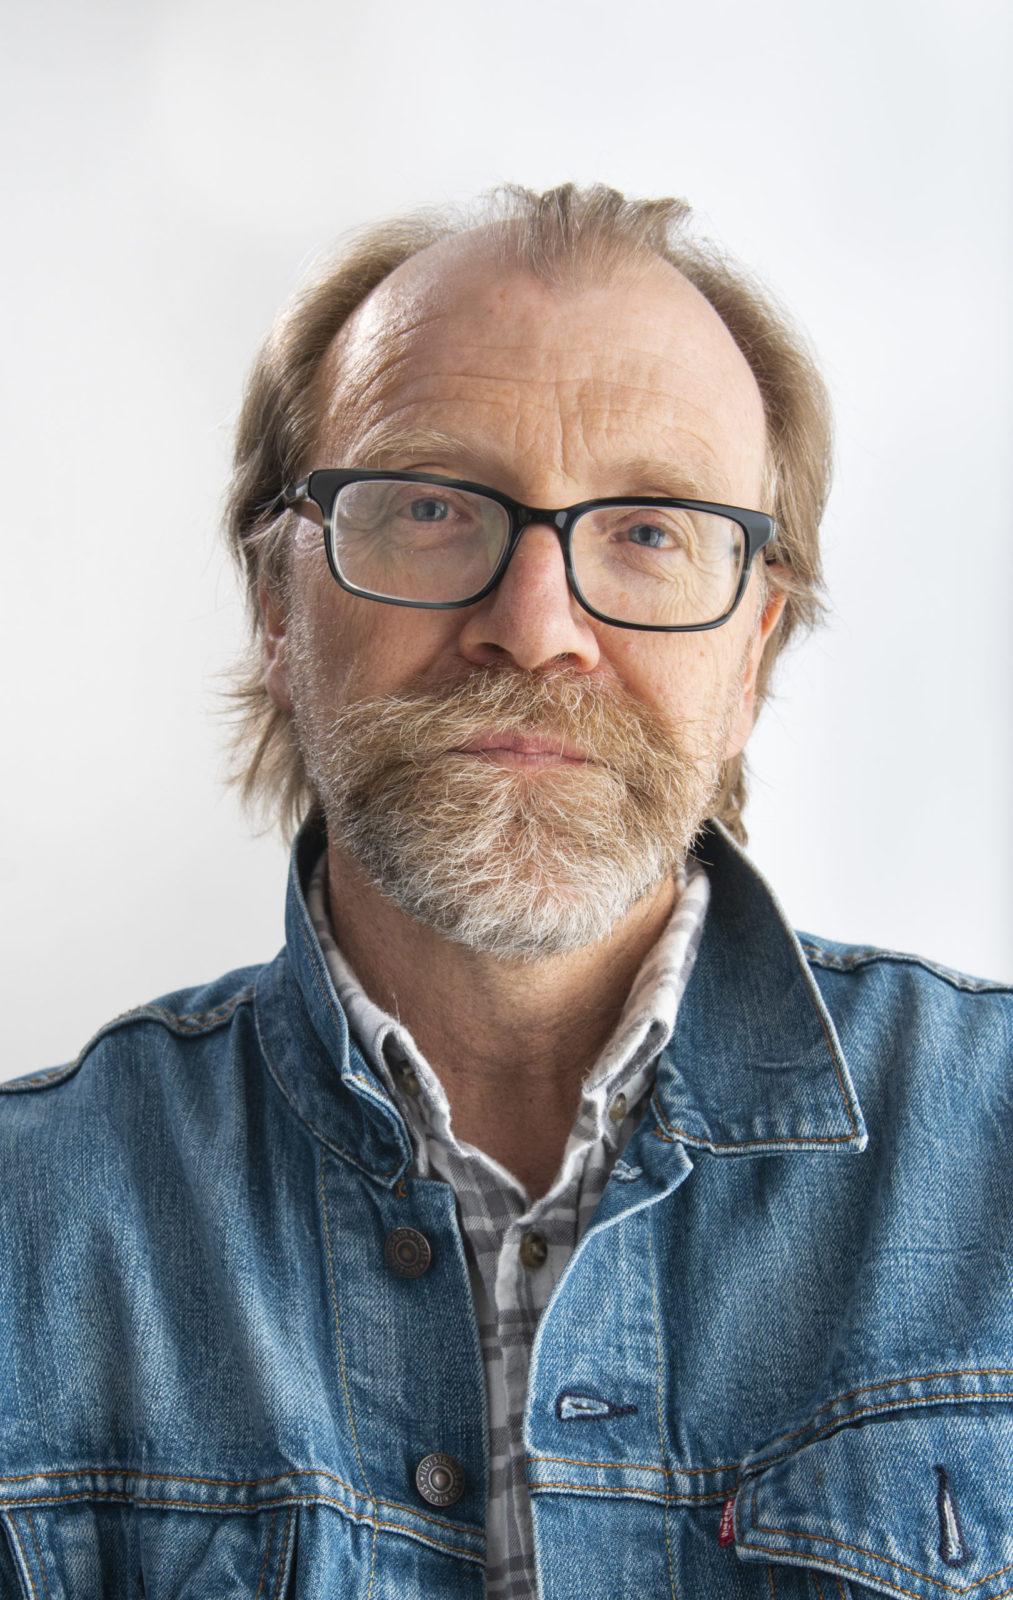 George Saunders - Author Photo Credit-Zach Krahmer - Zach Cihlar